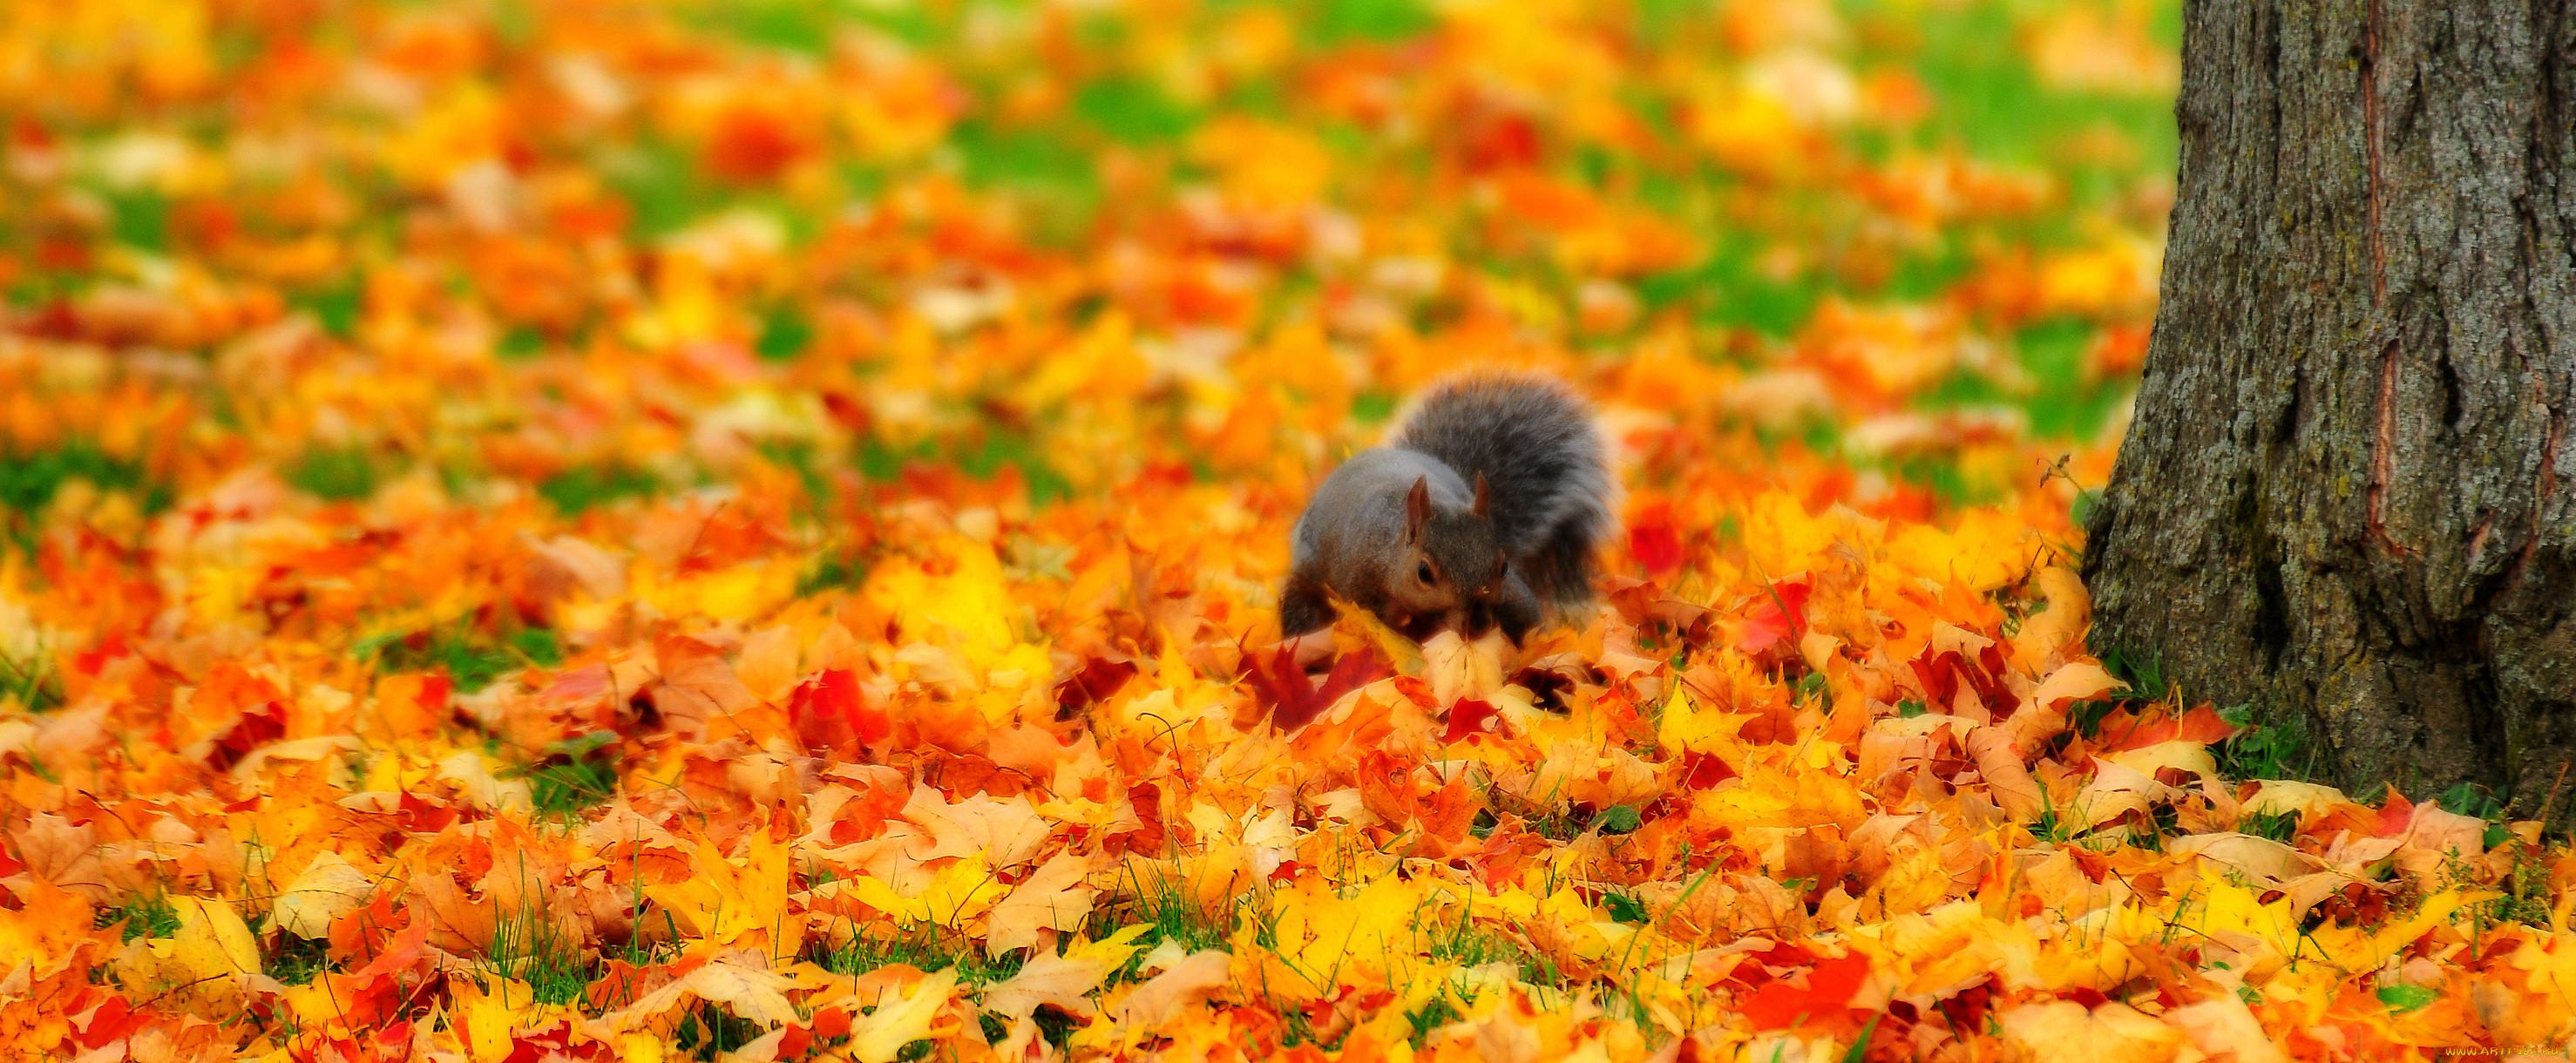 картинки про осень и животных будем